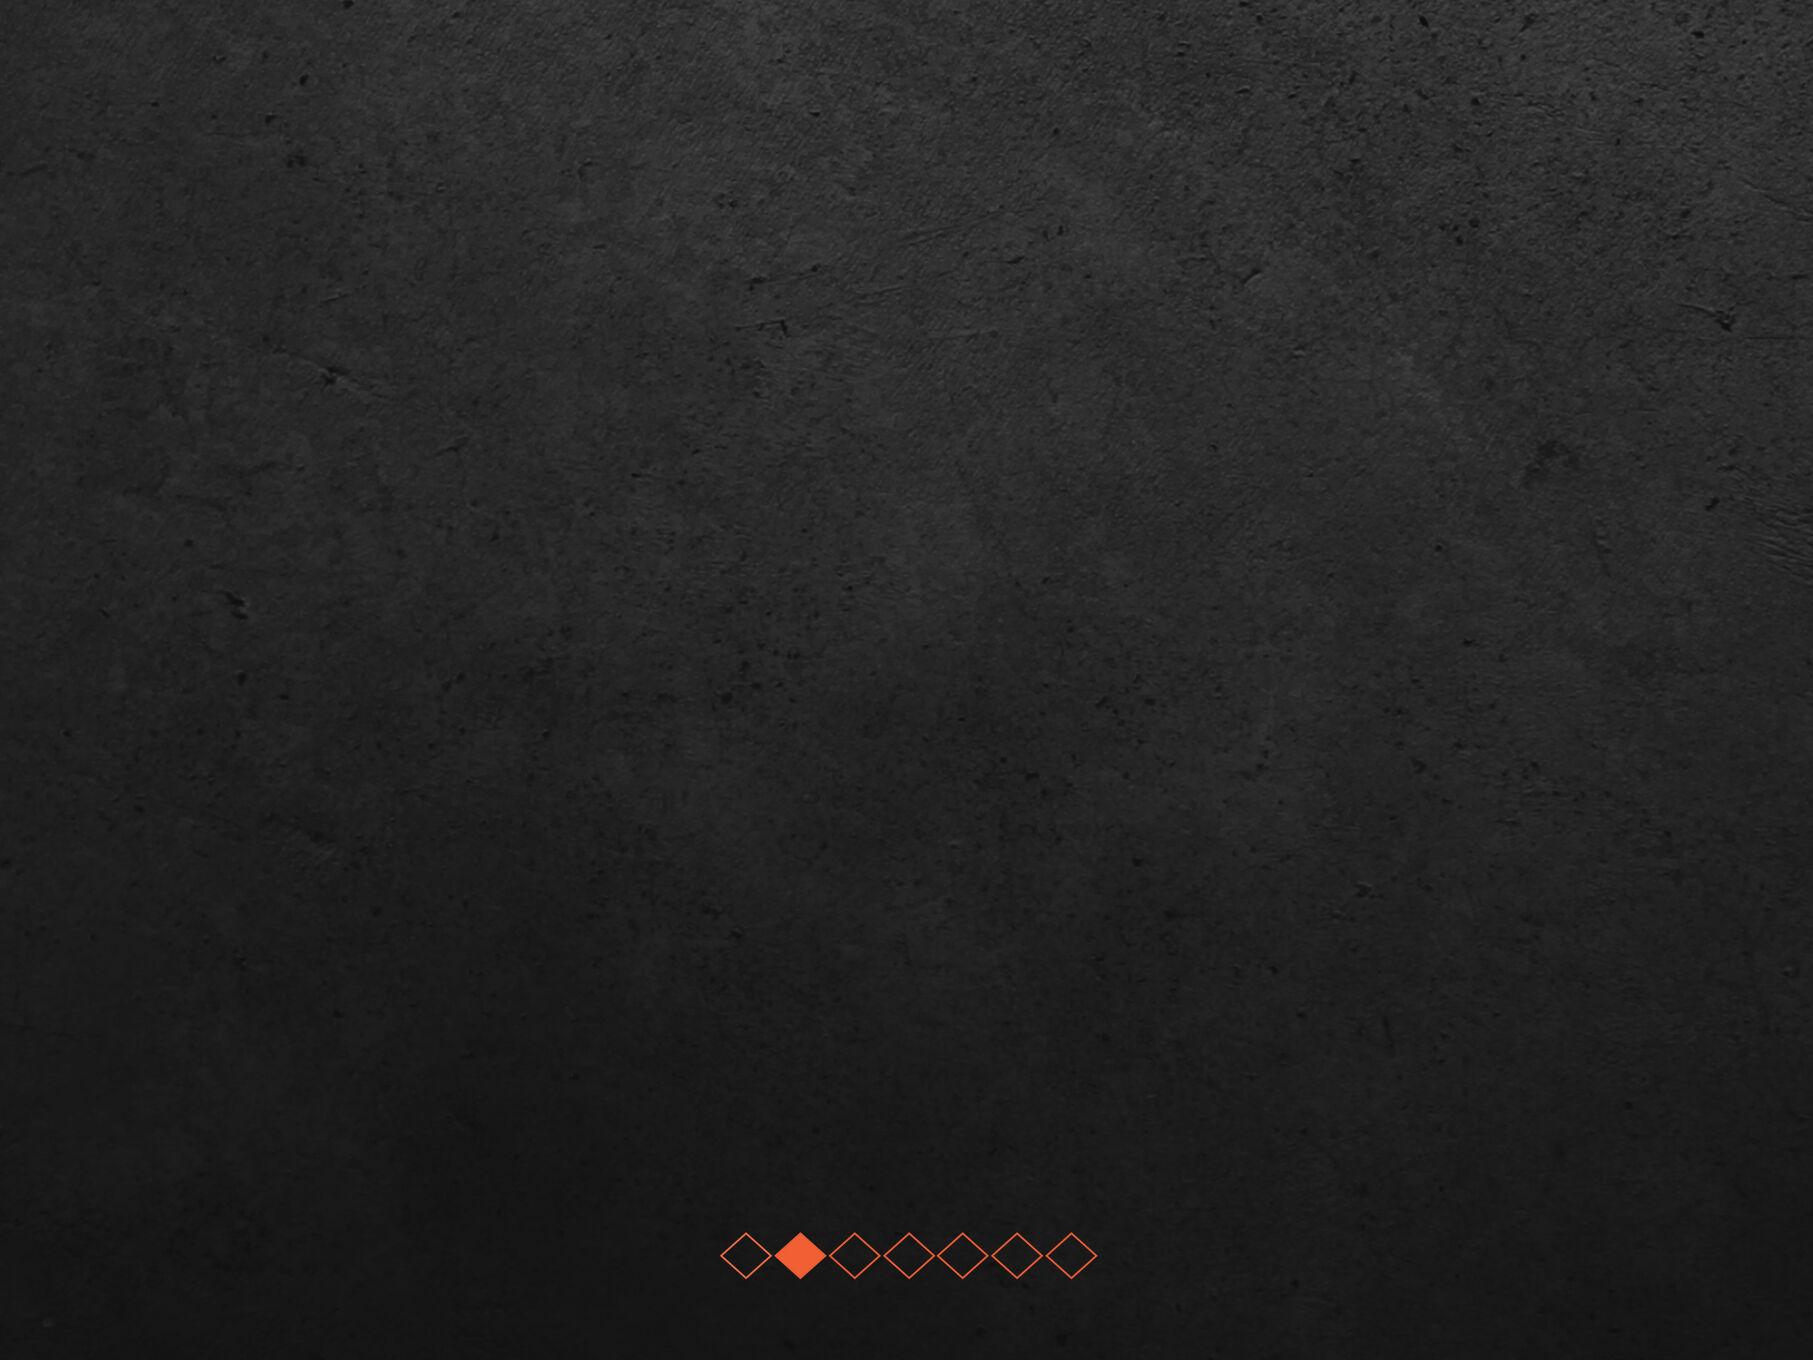 Cybex Gold Melio Street Stroller Background